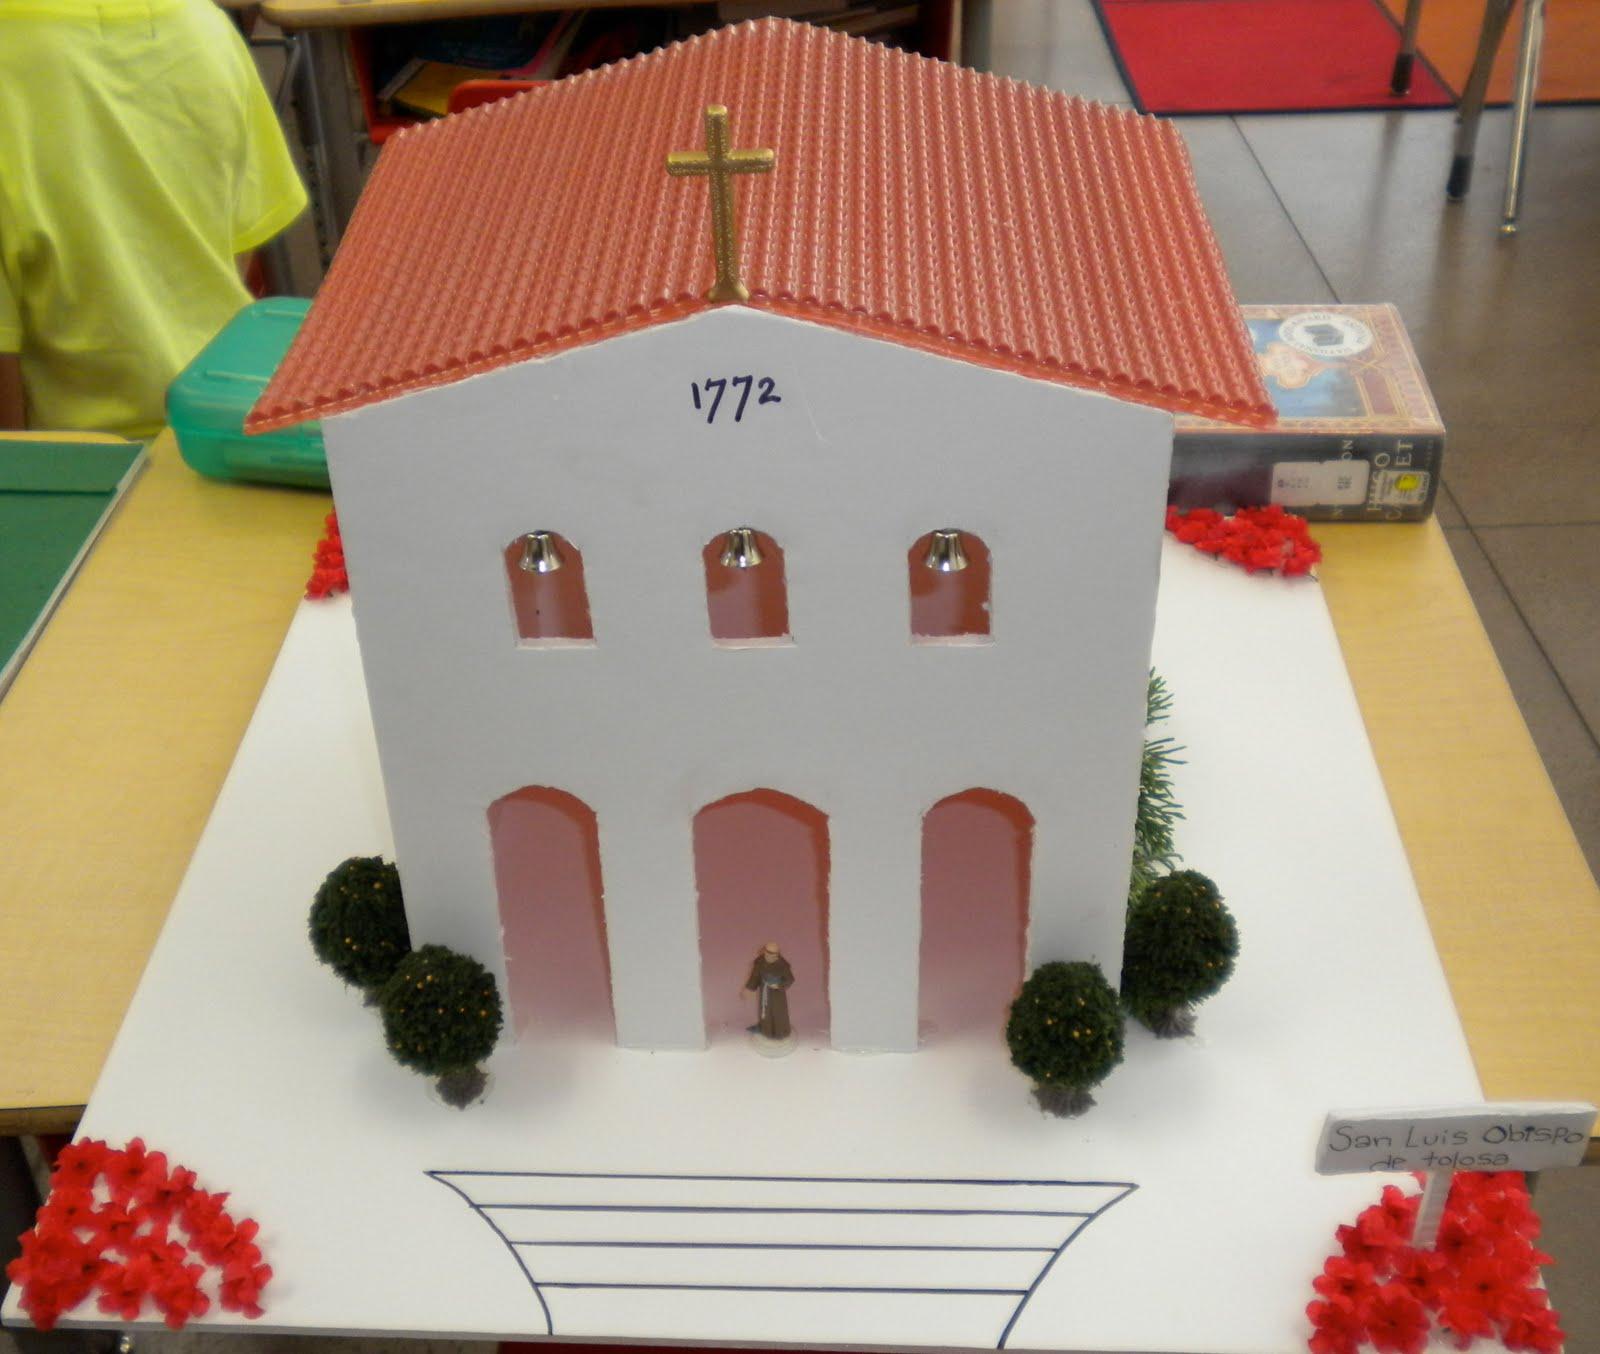 mathis family: san luis obispo mission